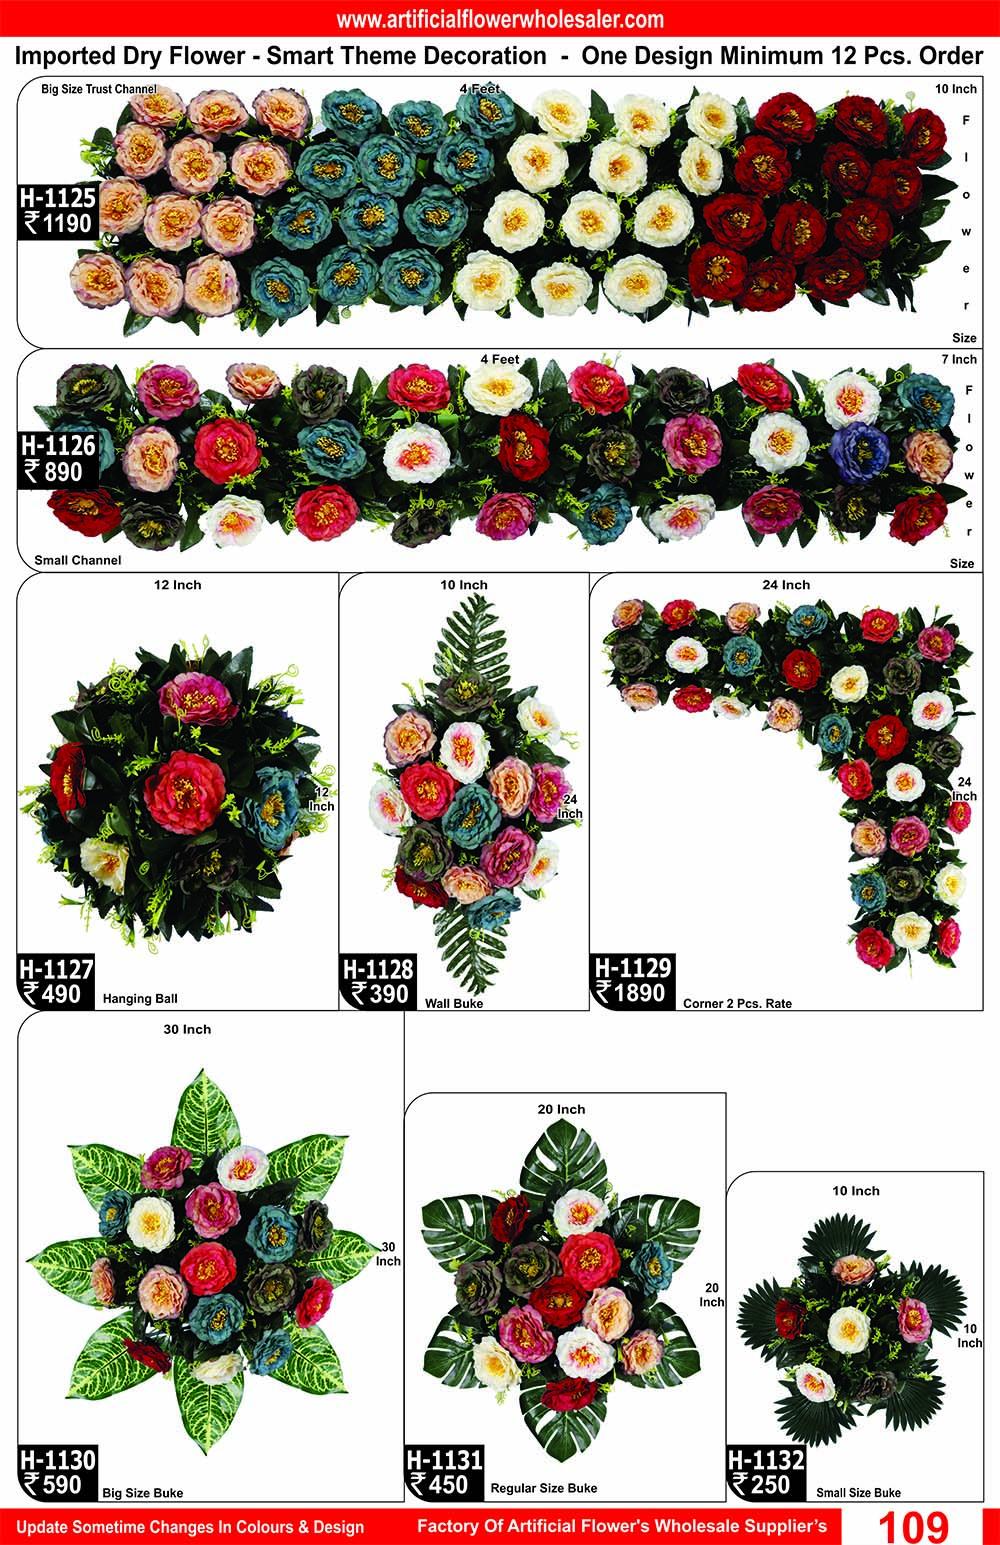 109-artificial-flower-wholesaler